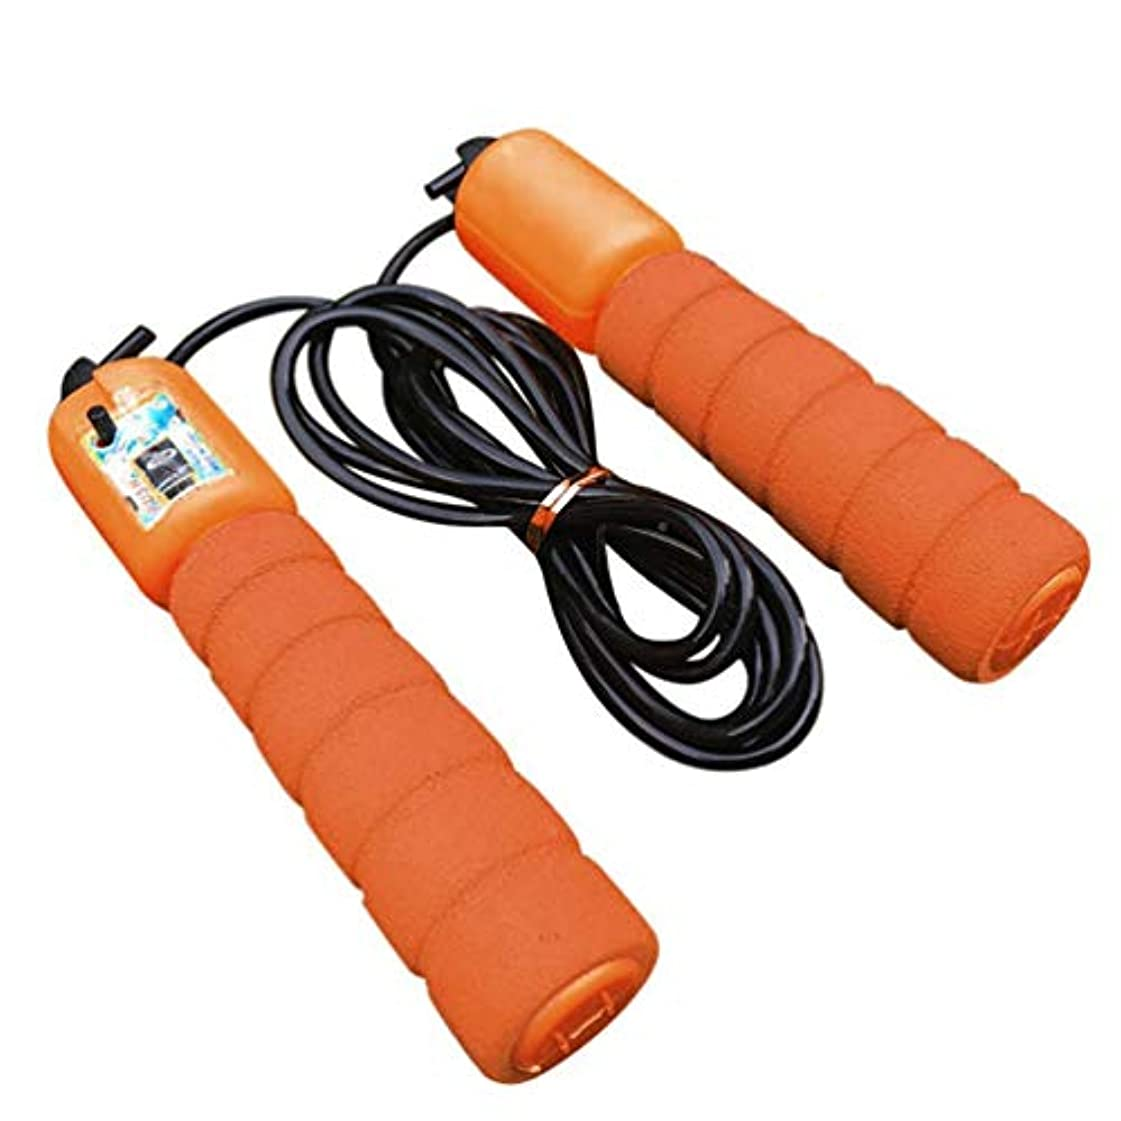 角度一過性喉が渇いた調整可能なプロフェッショナルカウントスキップロープ自動カウントジャンプロープフィットネスエクササイズ高速スピードカウントジャンプロープ-オレンジ